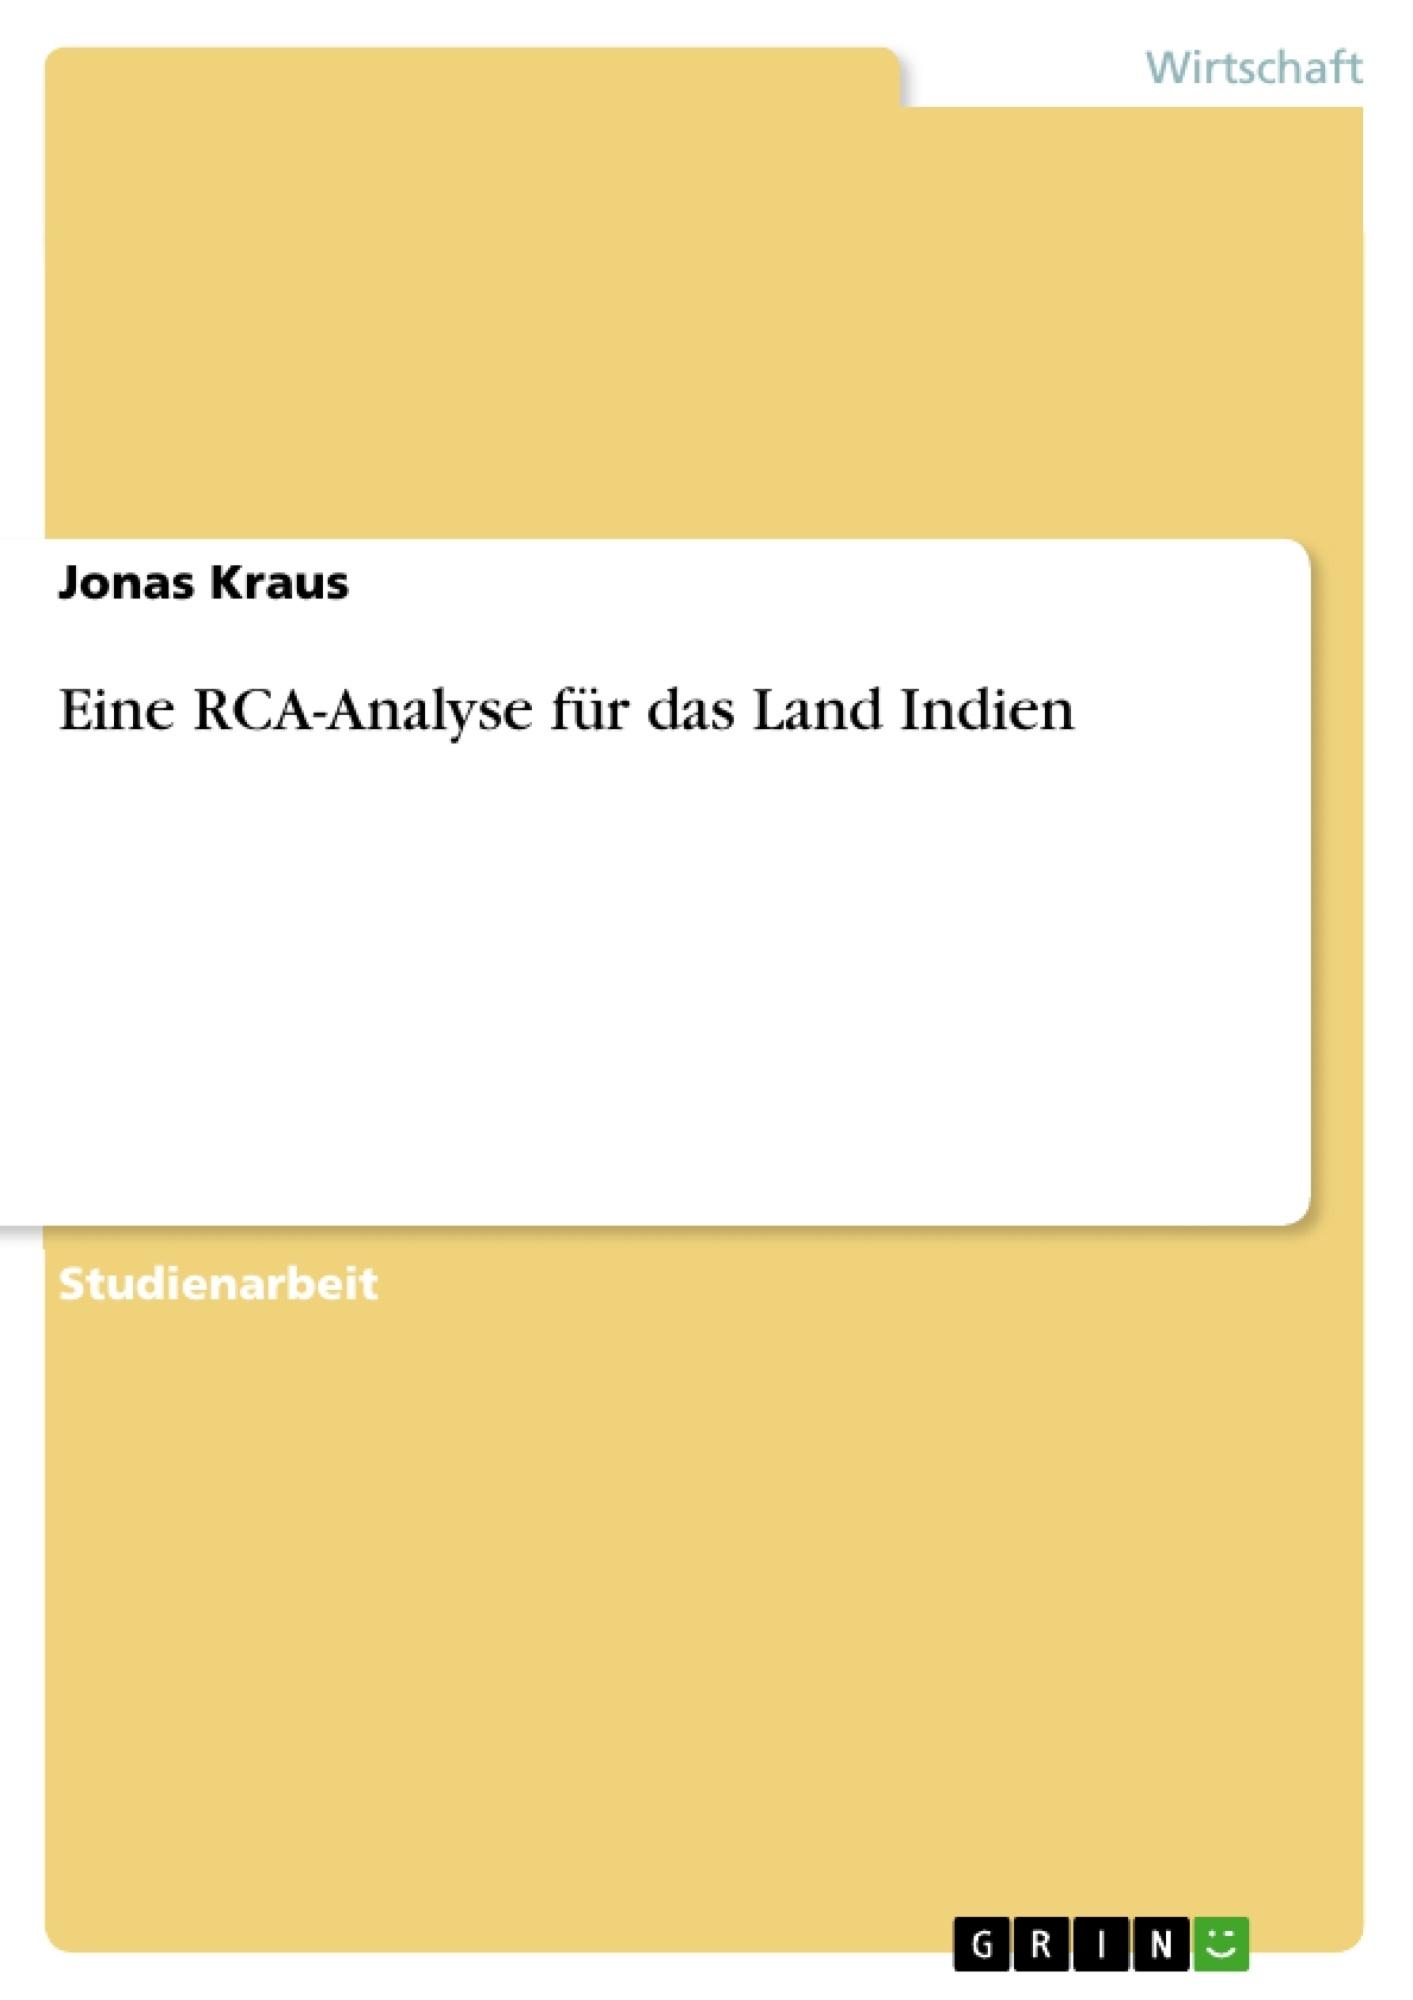 Titel: Eine RCA-Analyse für das Land Indien